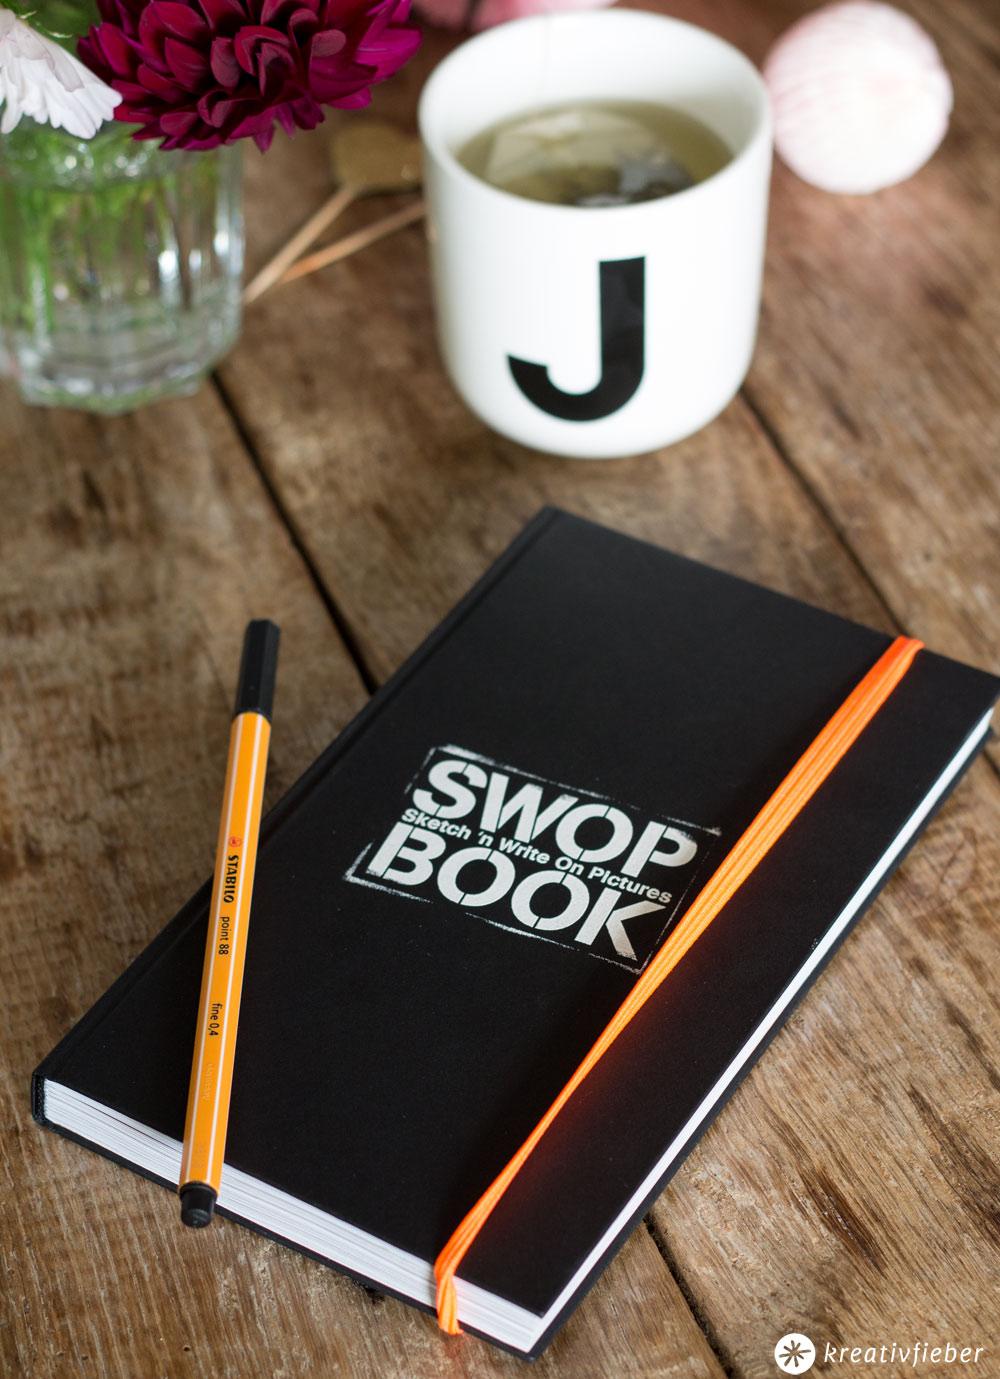 Swop-Book-von-Brandbook---geschenkidee-für-Kreative